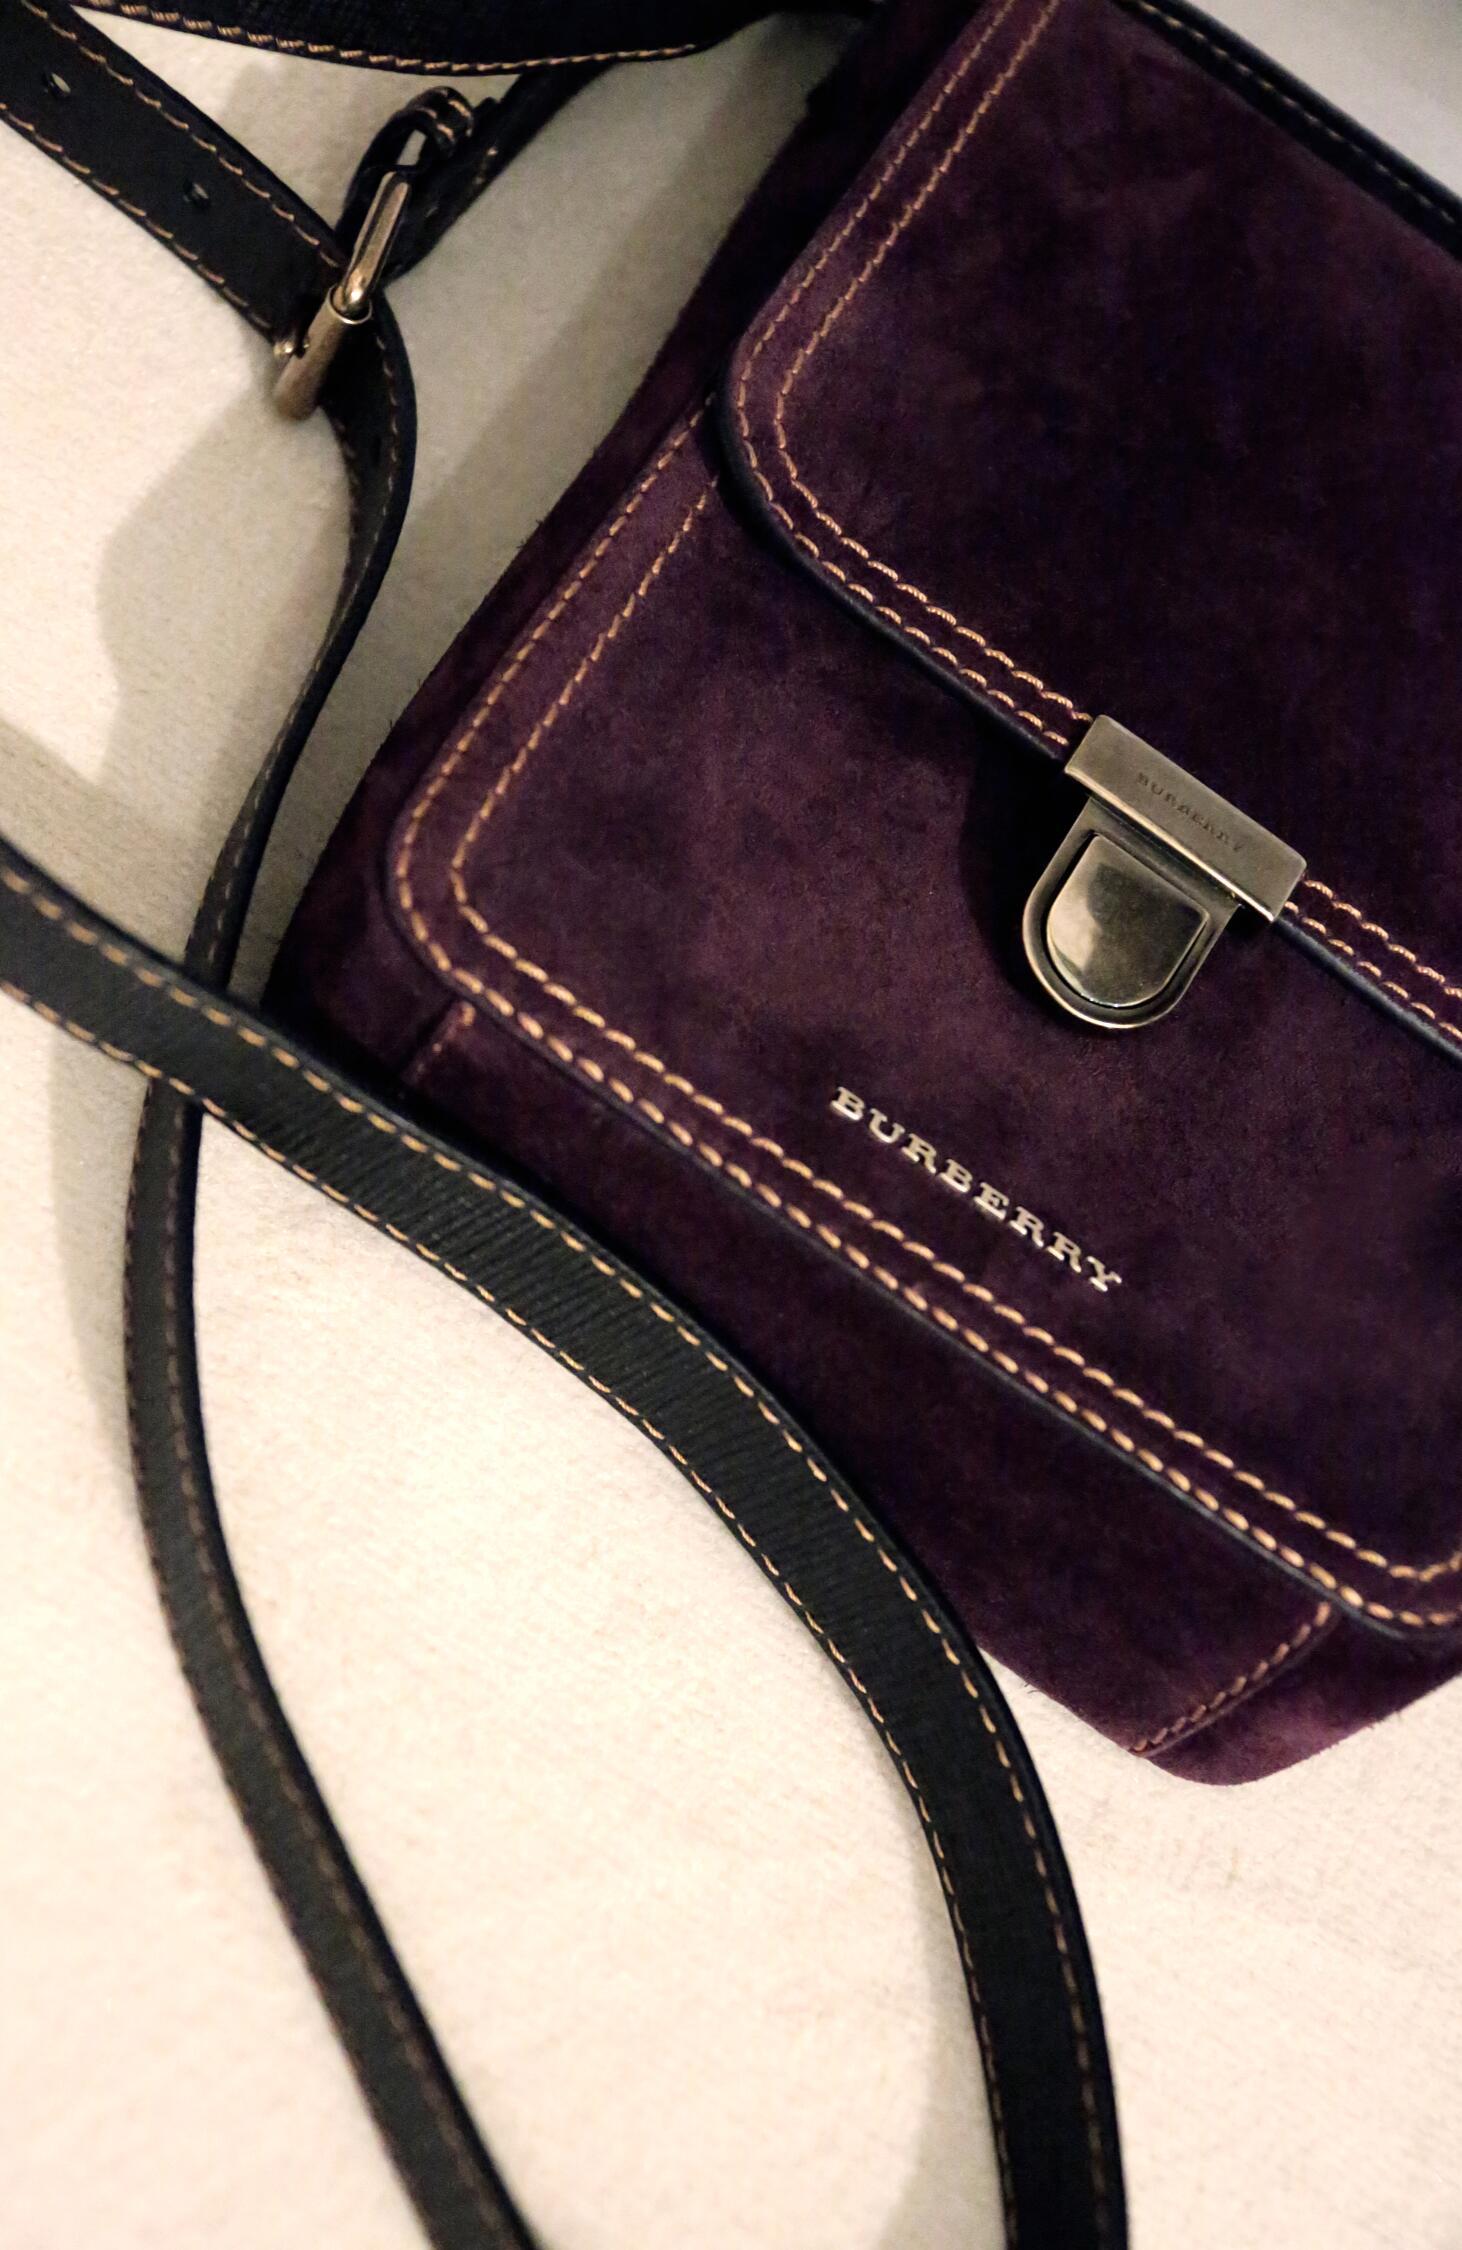 Backstage Man Burberry Detail Bag